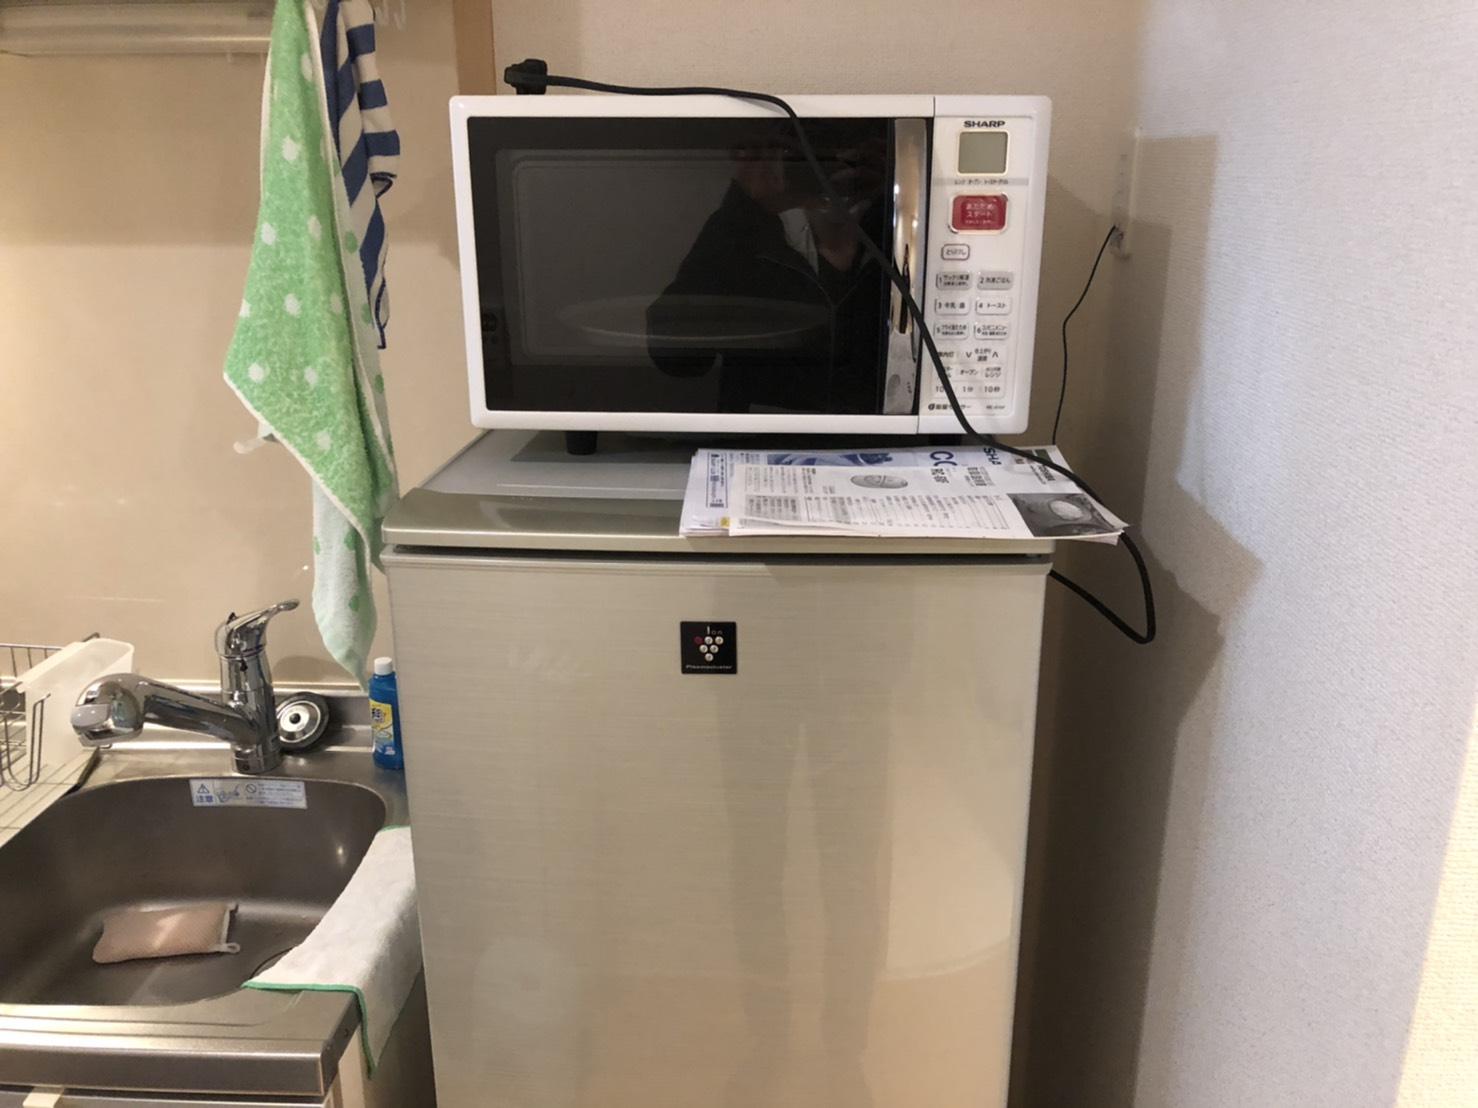 電子レンジ、冷蔵庫の回収前